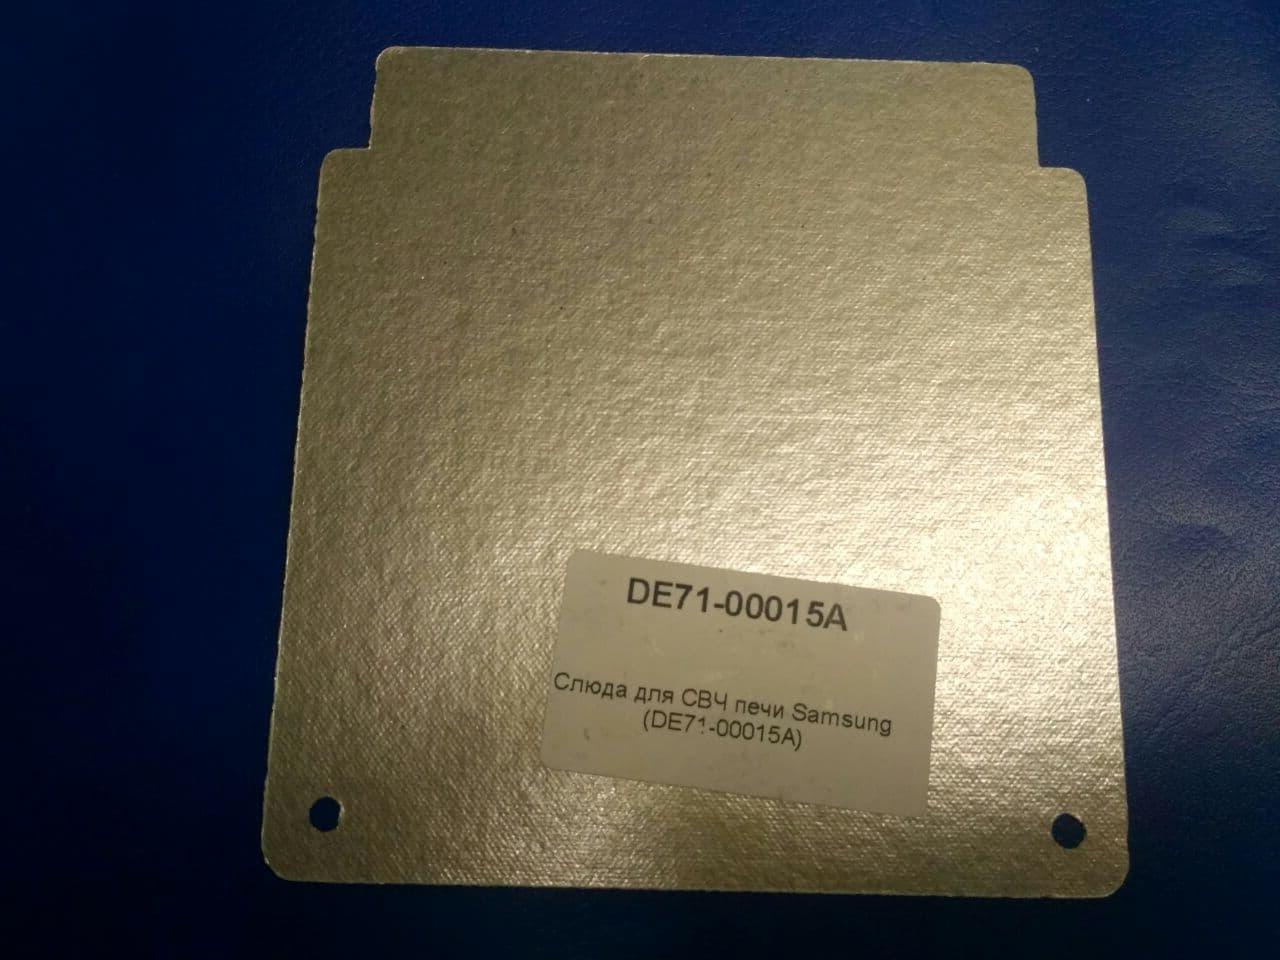 DE71-00015A